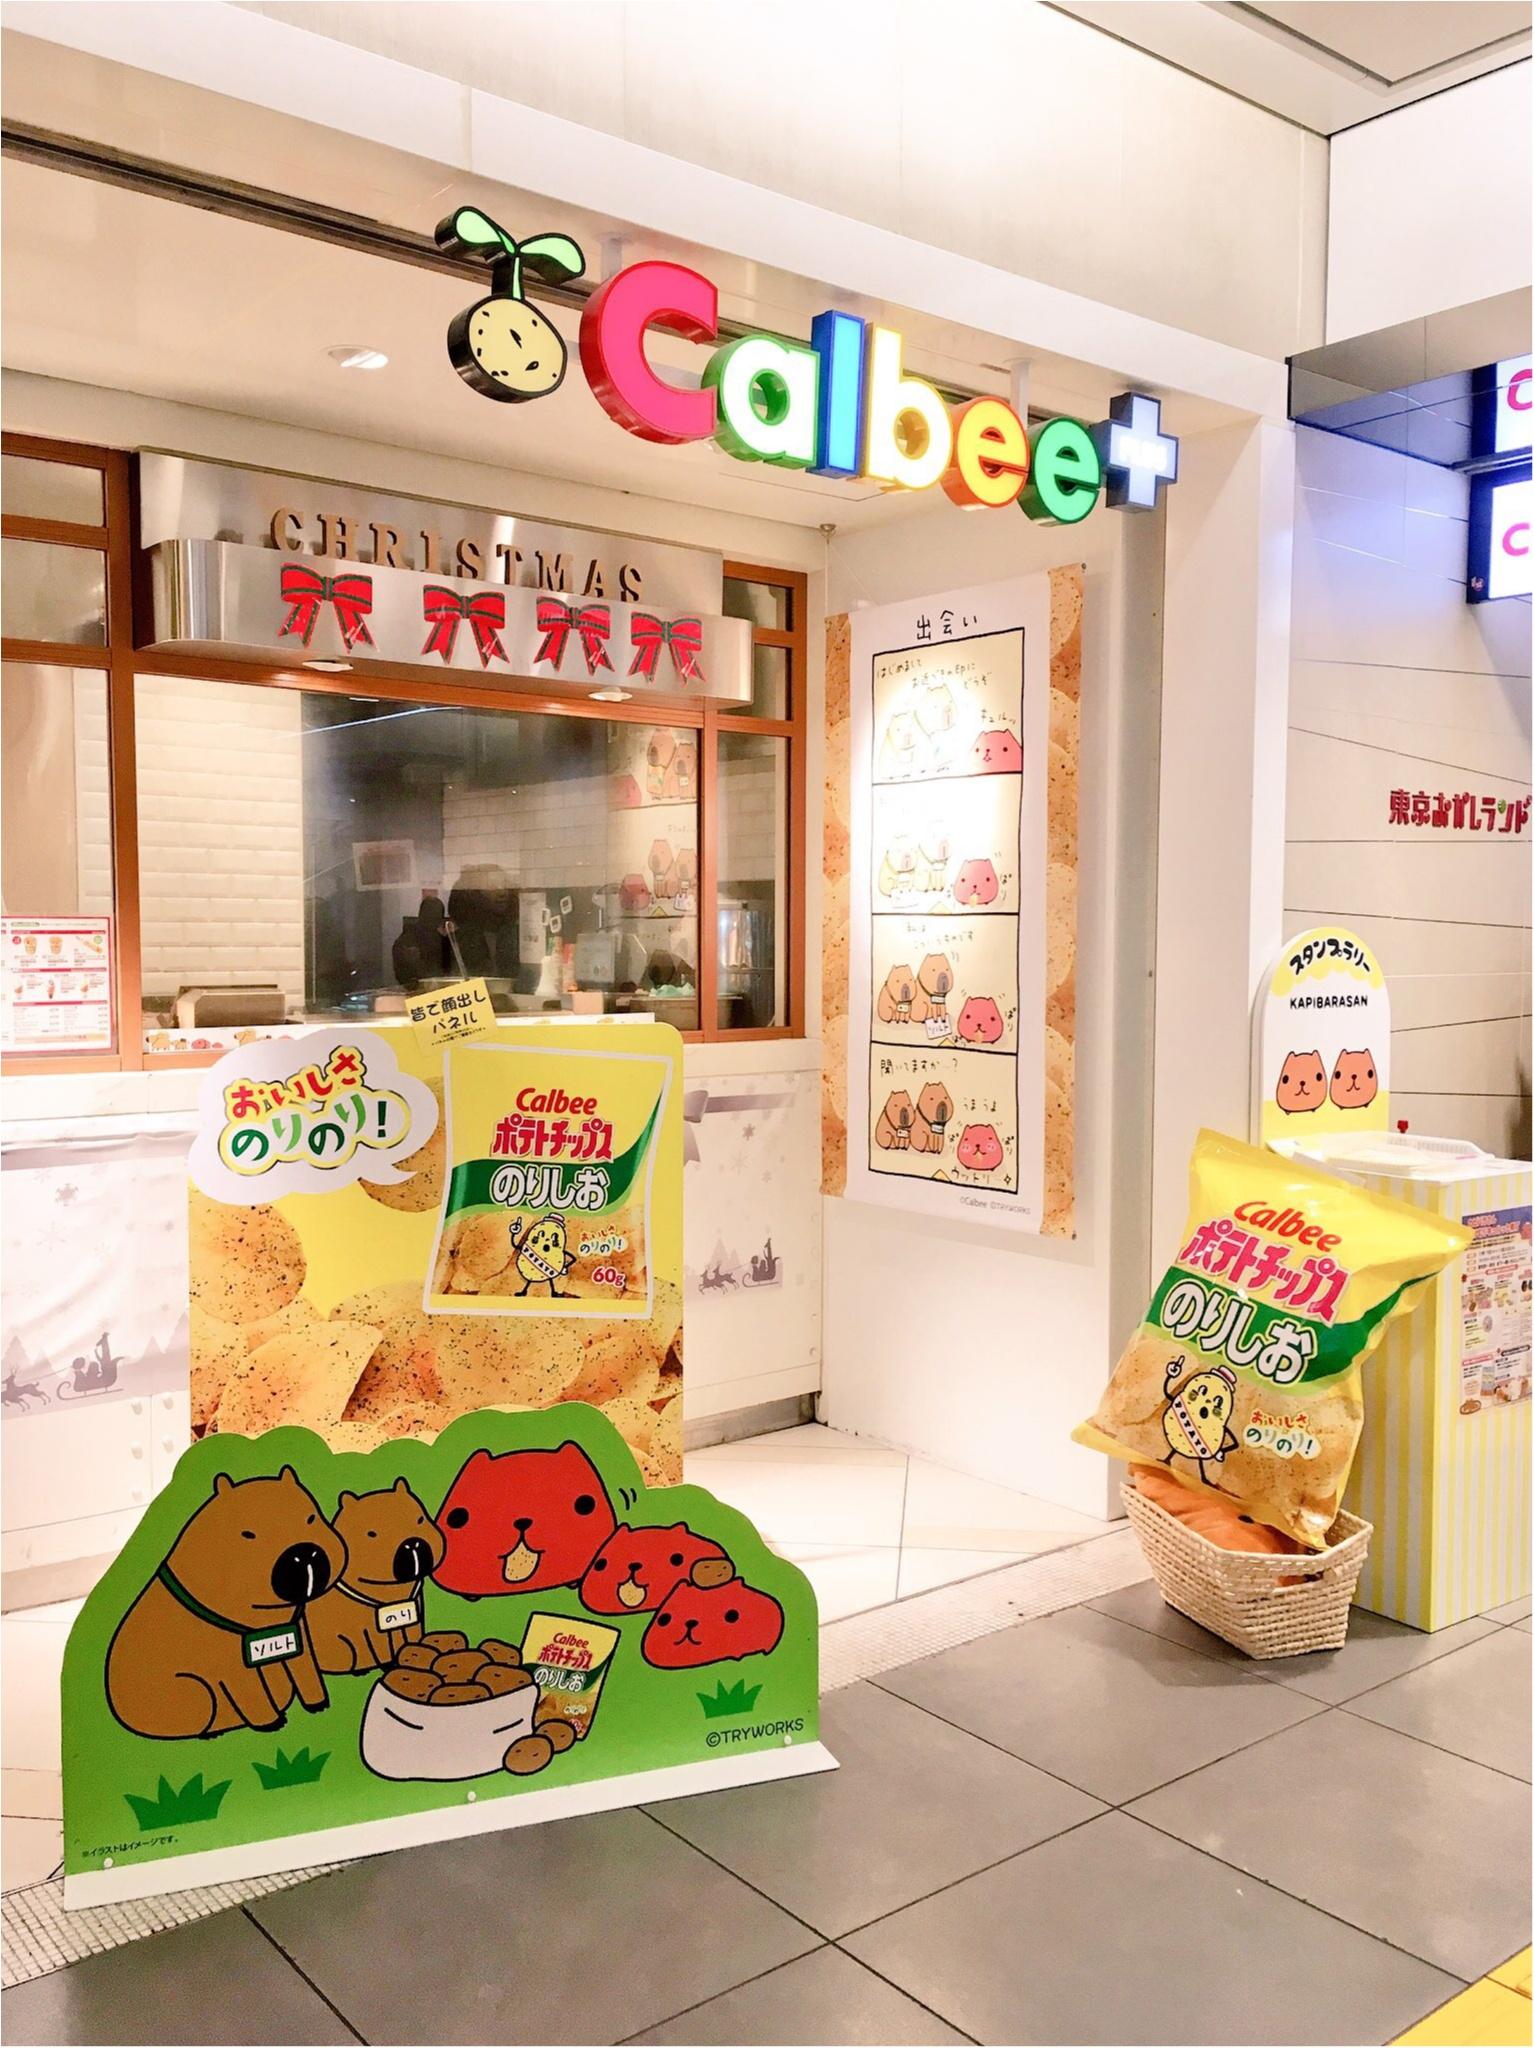 『カピバラさん×東京駅』作者チダケイコ先生サイン会&Calbeeプラスに行ってきました(*´ ˘ `*)♡_8